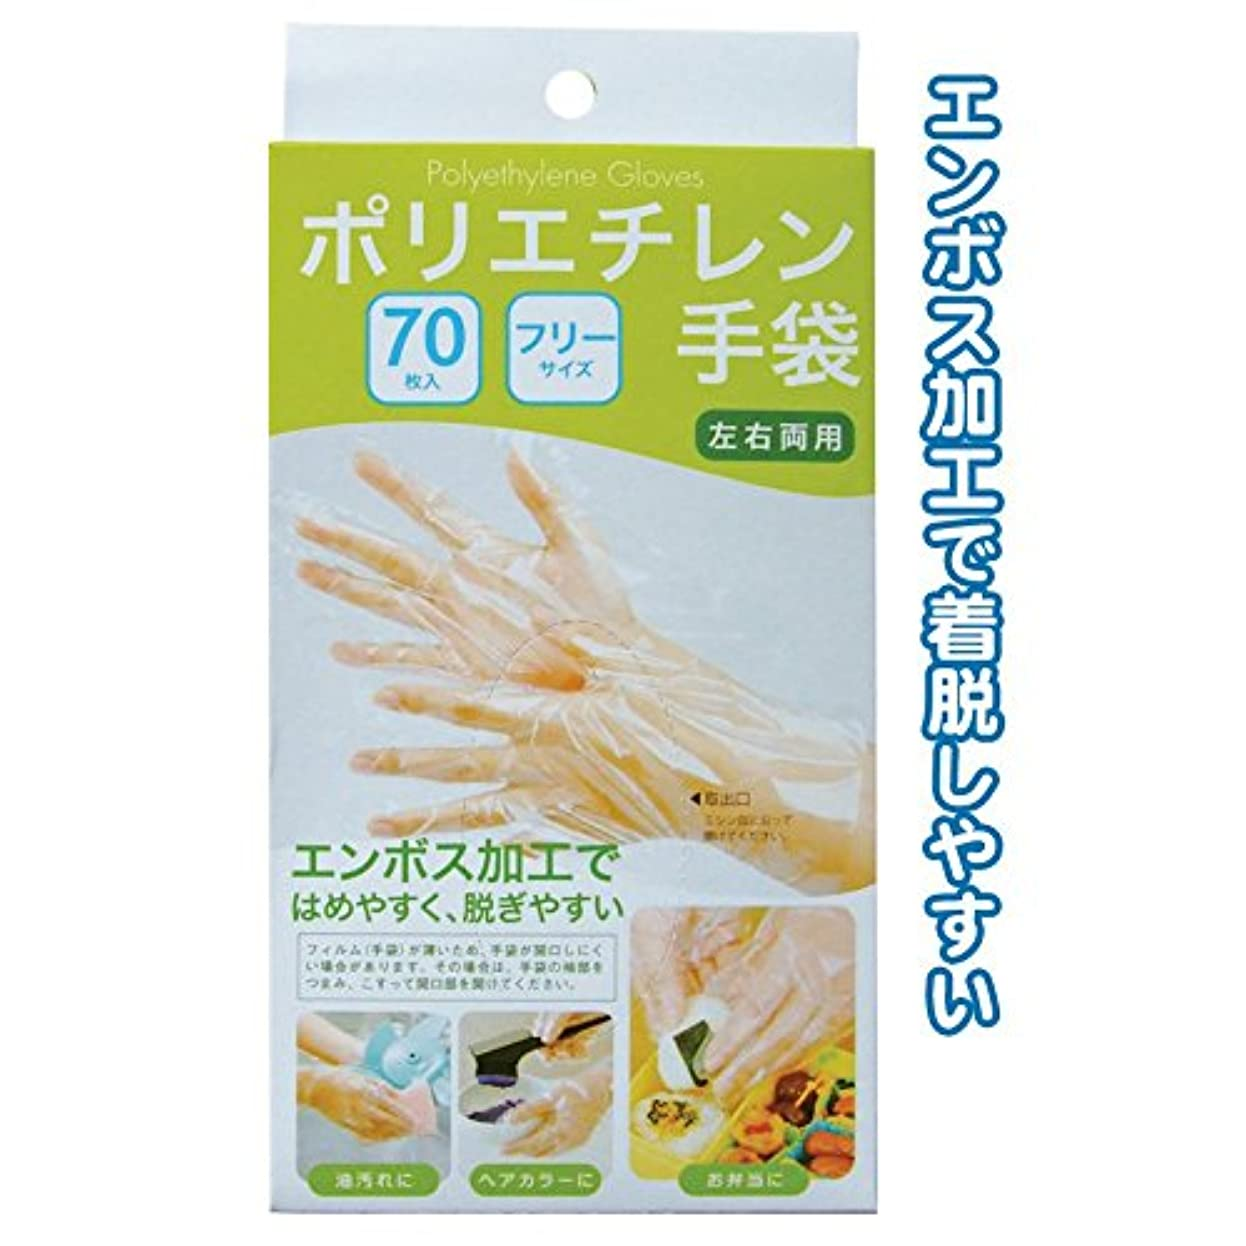 寛容なエレメンタル味ダンロップ 使い捨てポリエチレン手袋70枚入BOX 【まとめ買い10個セット】 45-675